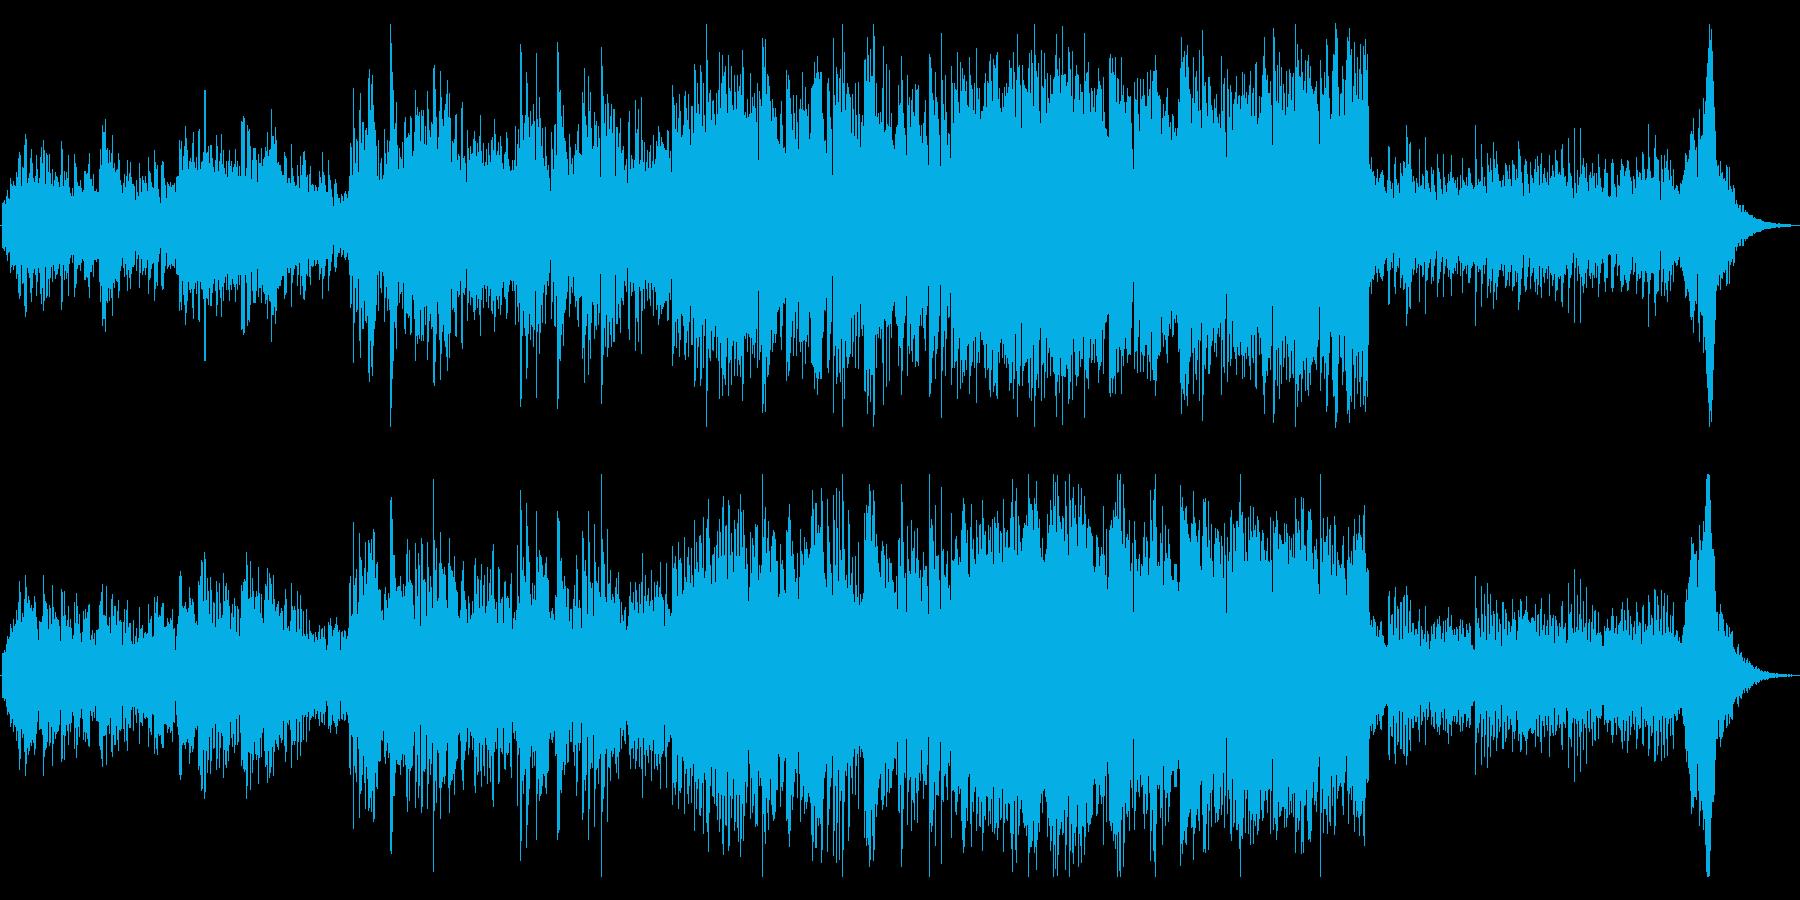 穏やかで広がりのあるアンビエント調の曲の再生済みの波形